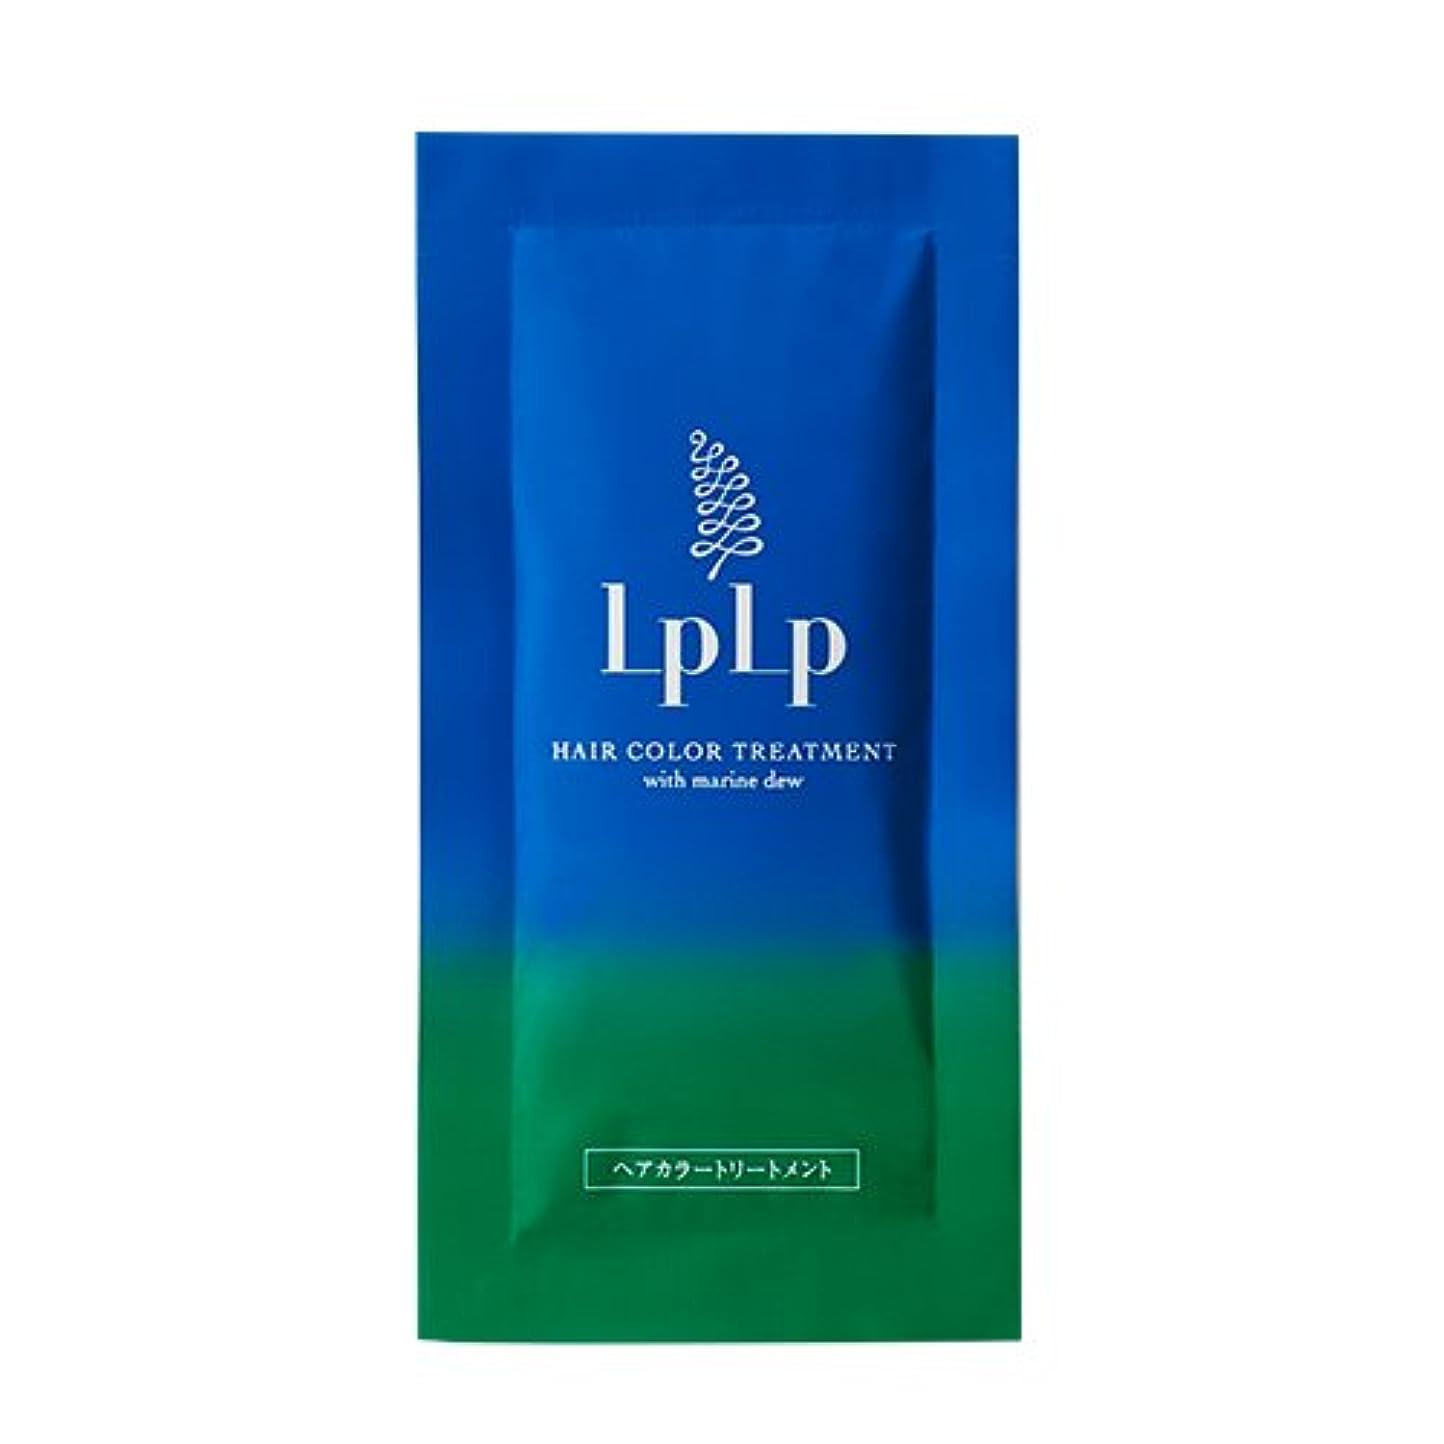 スケッチアウター編集するLPLP(ルプルプ)ヘアカラートリートメントお試しパウチ ブラウン